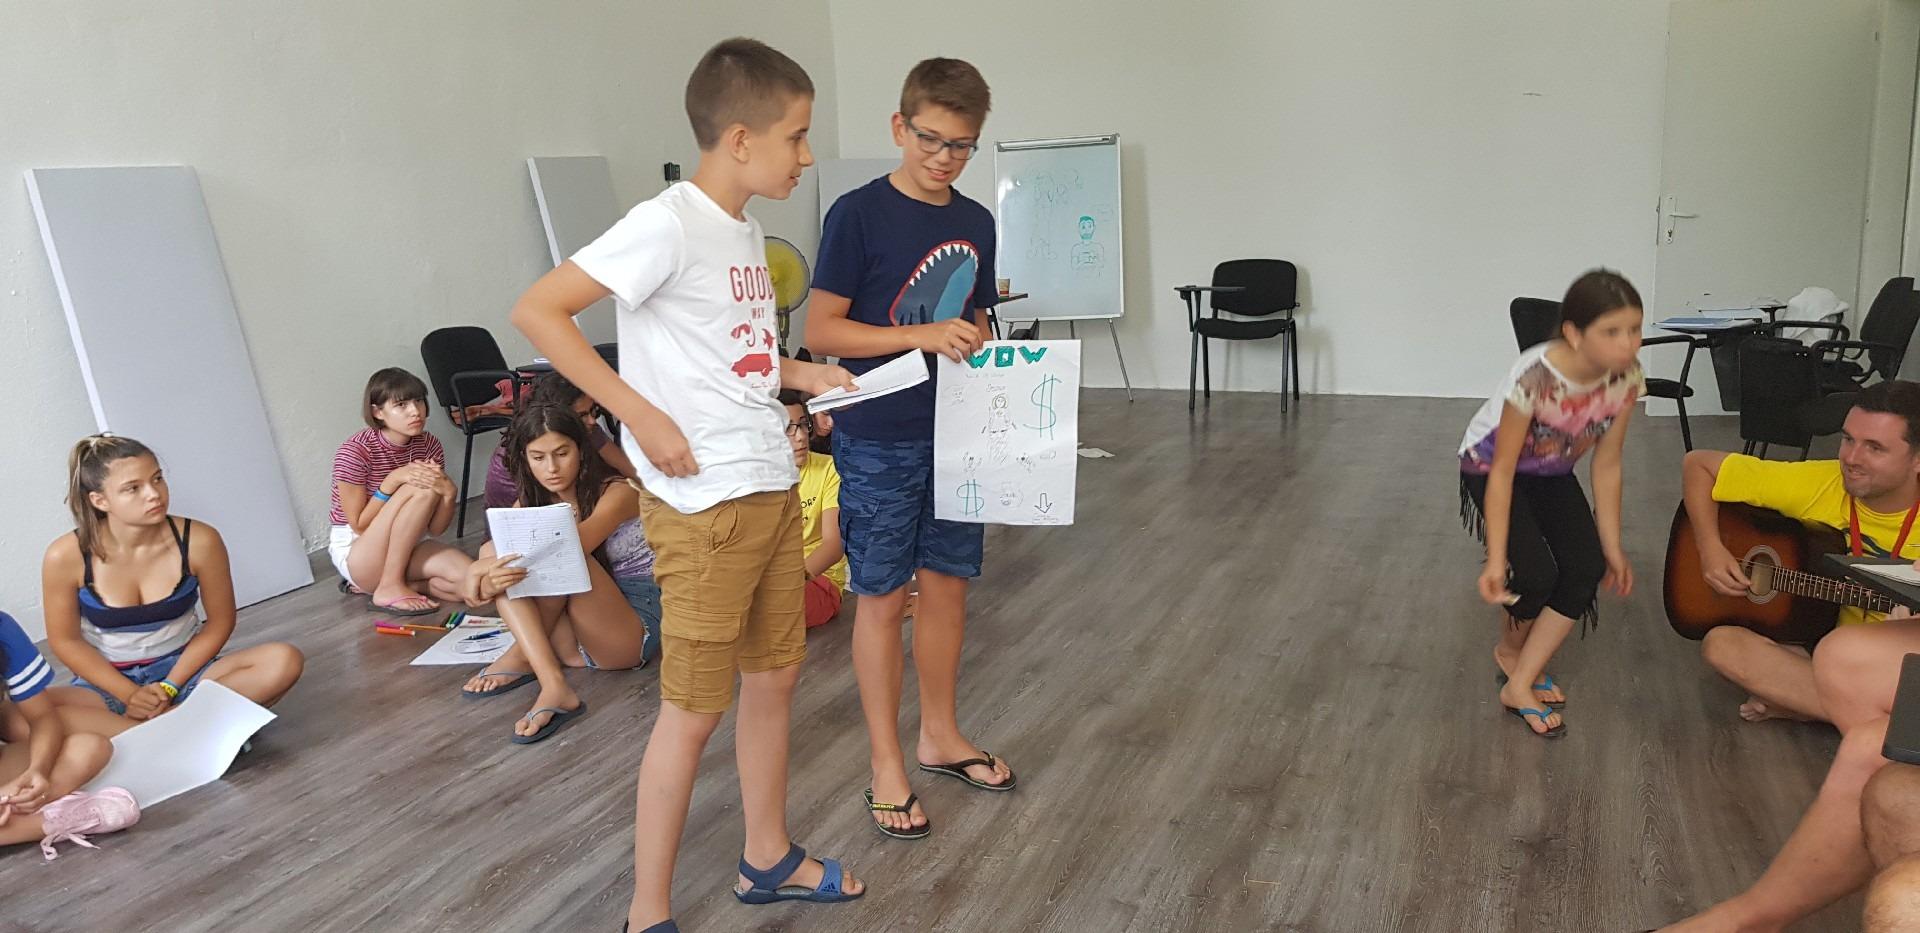 летни езикови лагери за деца Z кемп, ден 31 - сутрешен клас по англойски език, две момчета представят проект